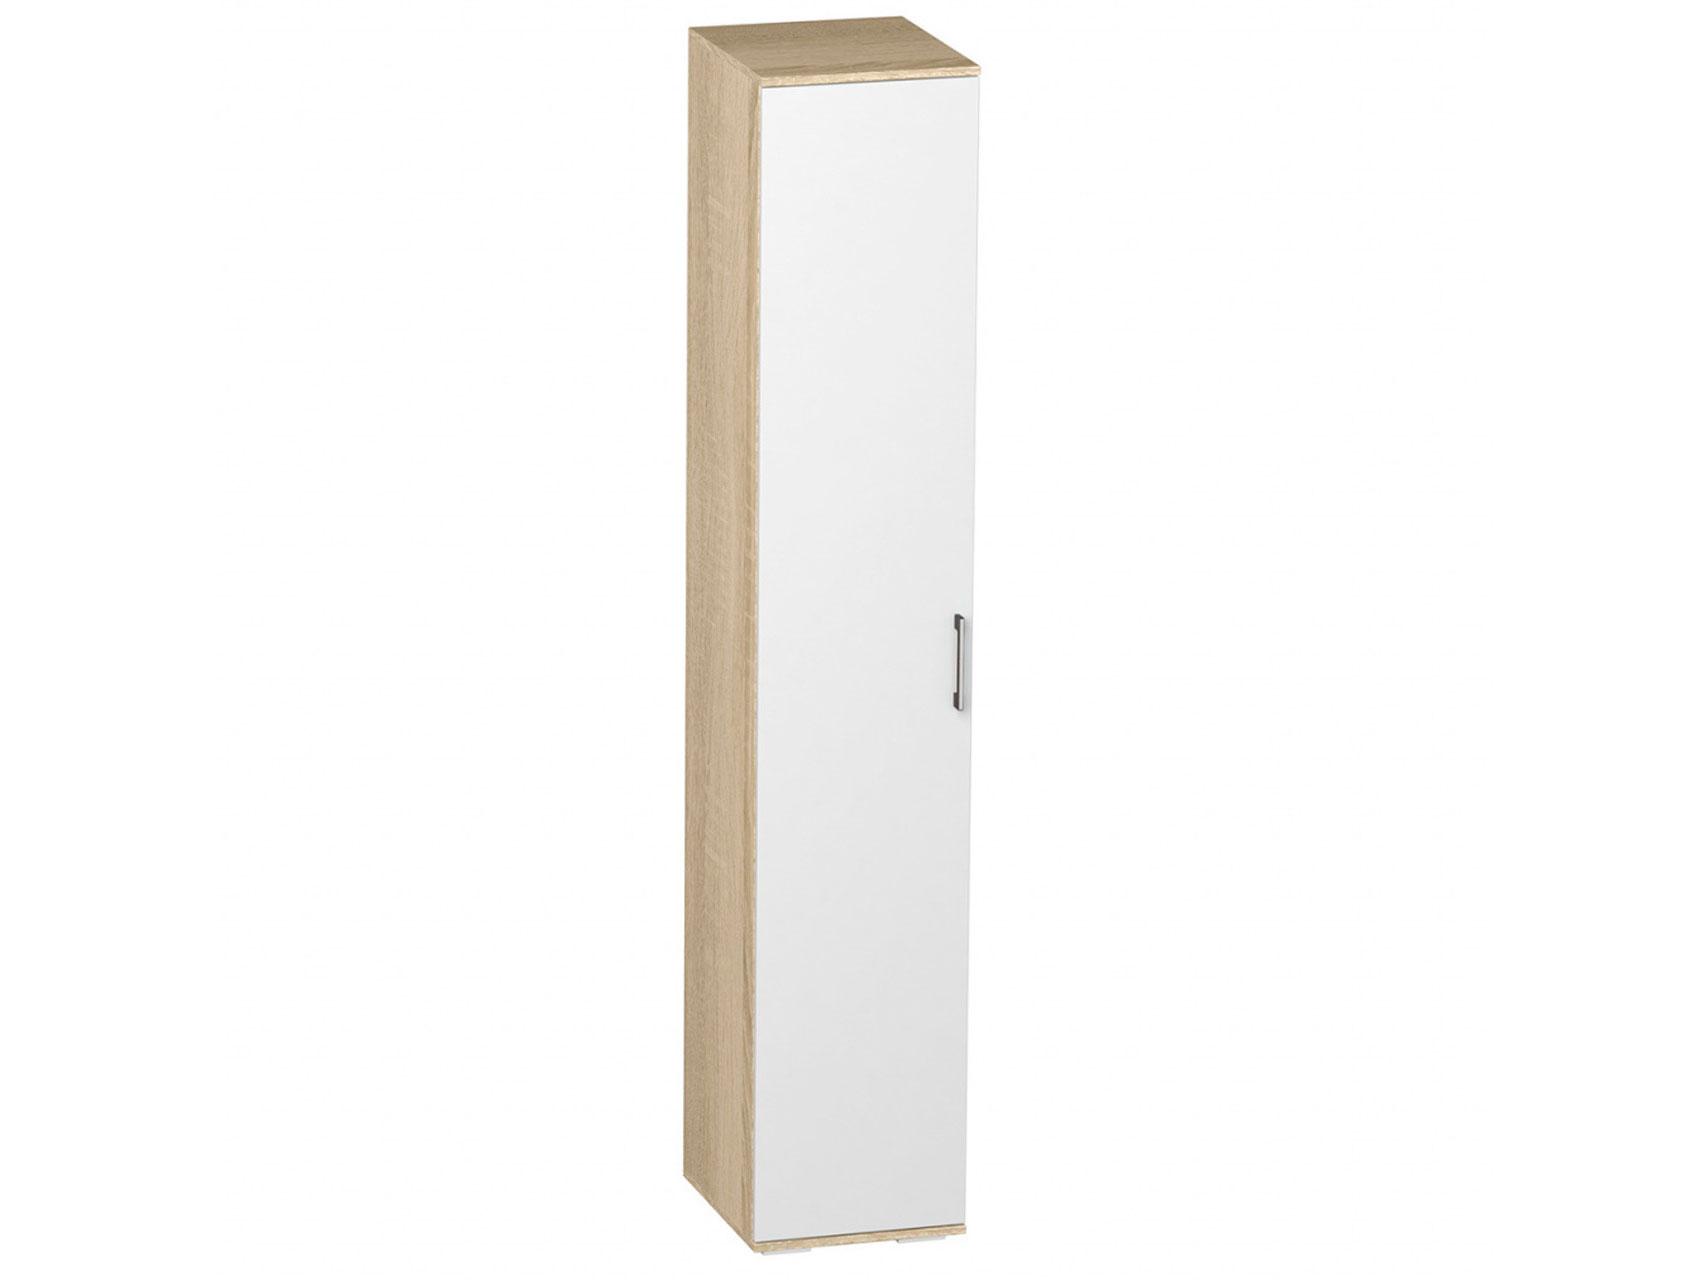 Шкаф-пенал 150-95034